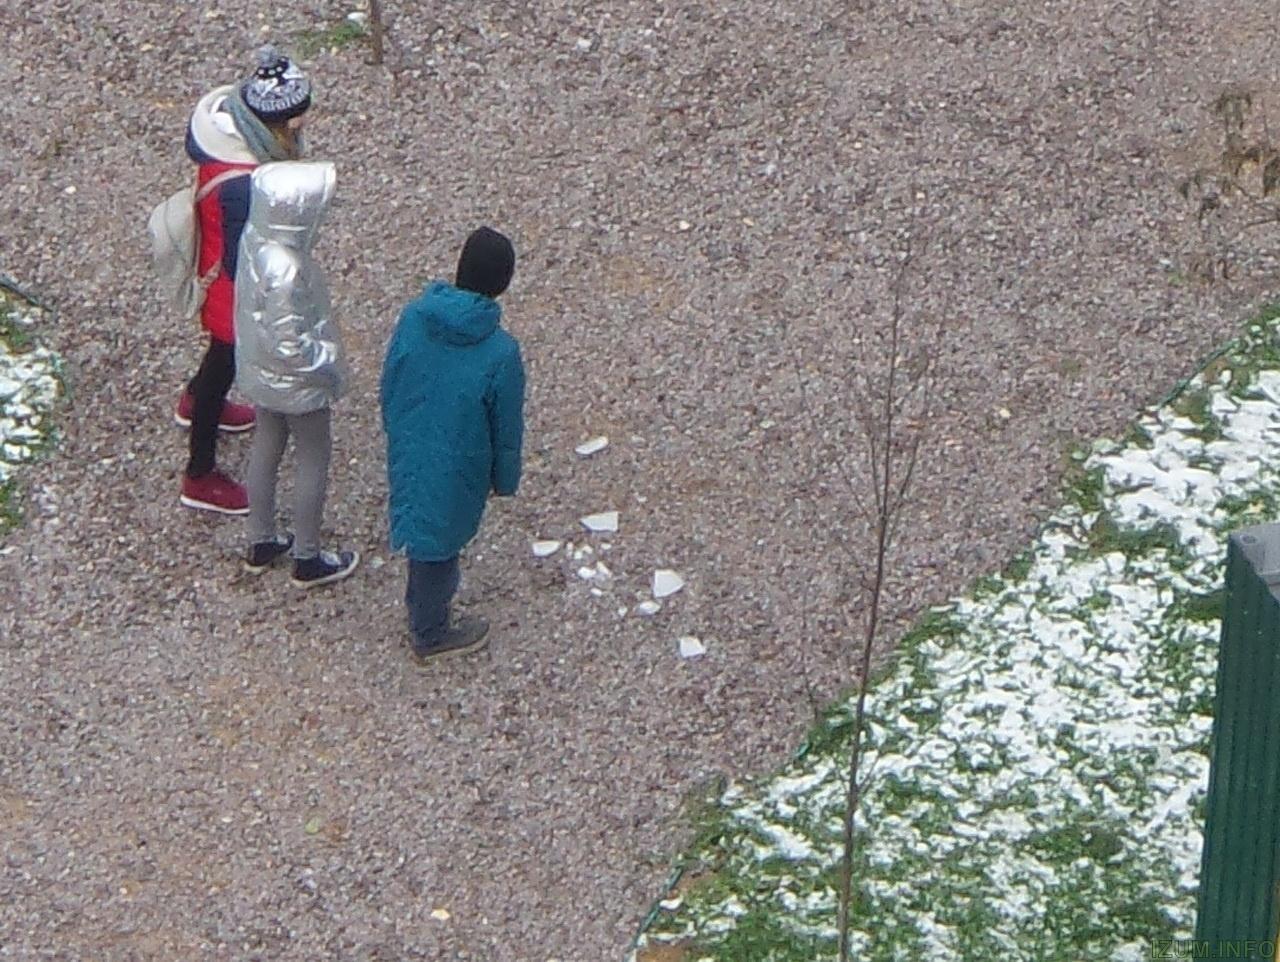 Изумрудные холмы лёд падает с крыш на тротуары (3)_новый размер.jpg